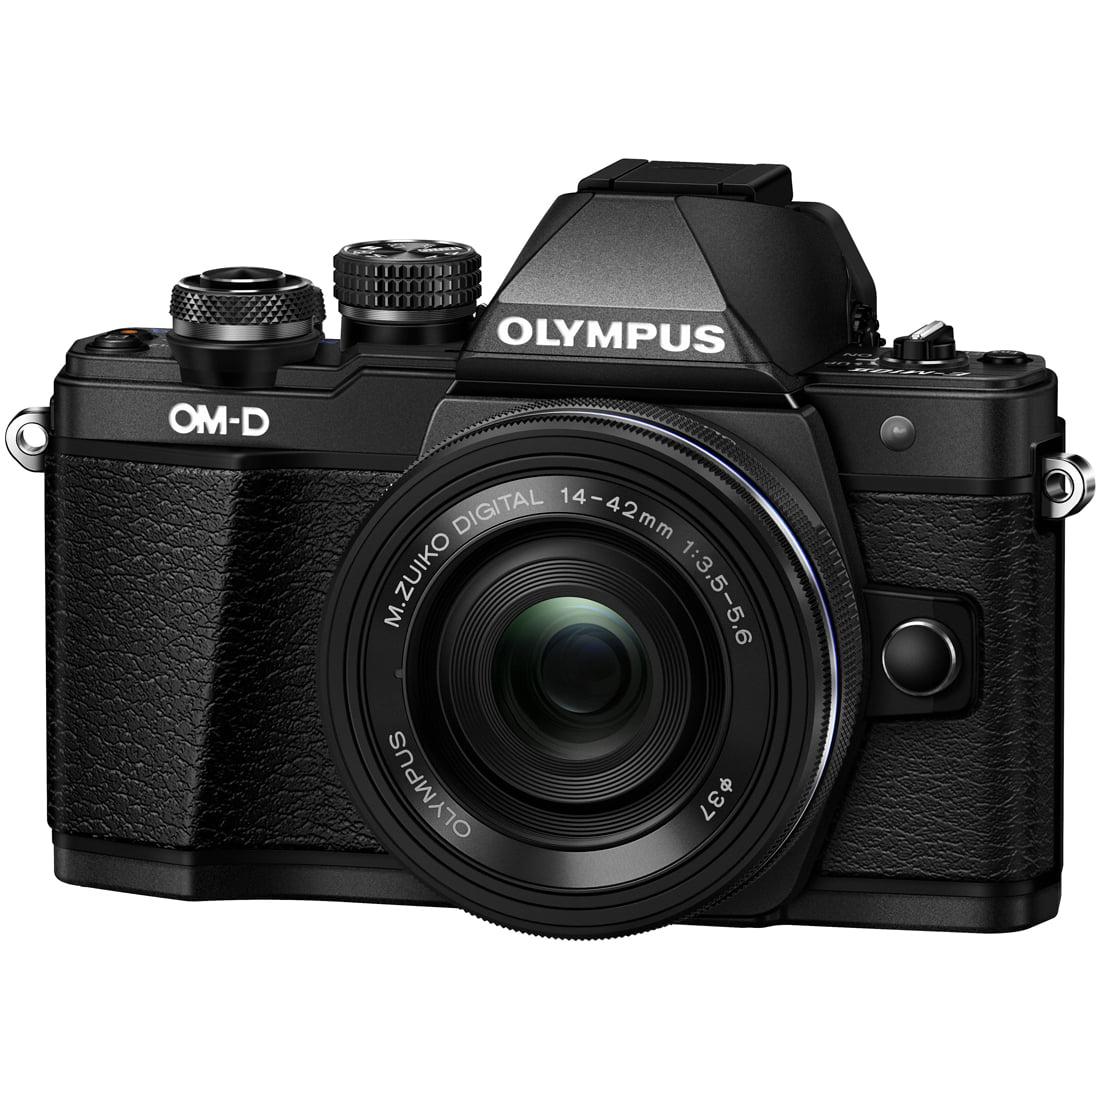 Olympus OM-D E-M10 Mark II Mirrorless Digital Camera w  14-42mm EZ Lens (Black) by Olympus